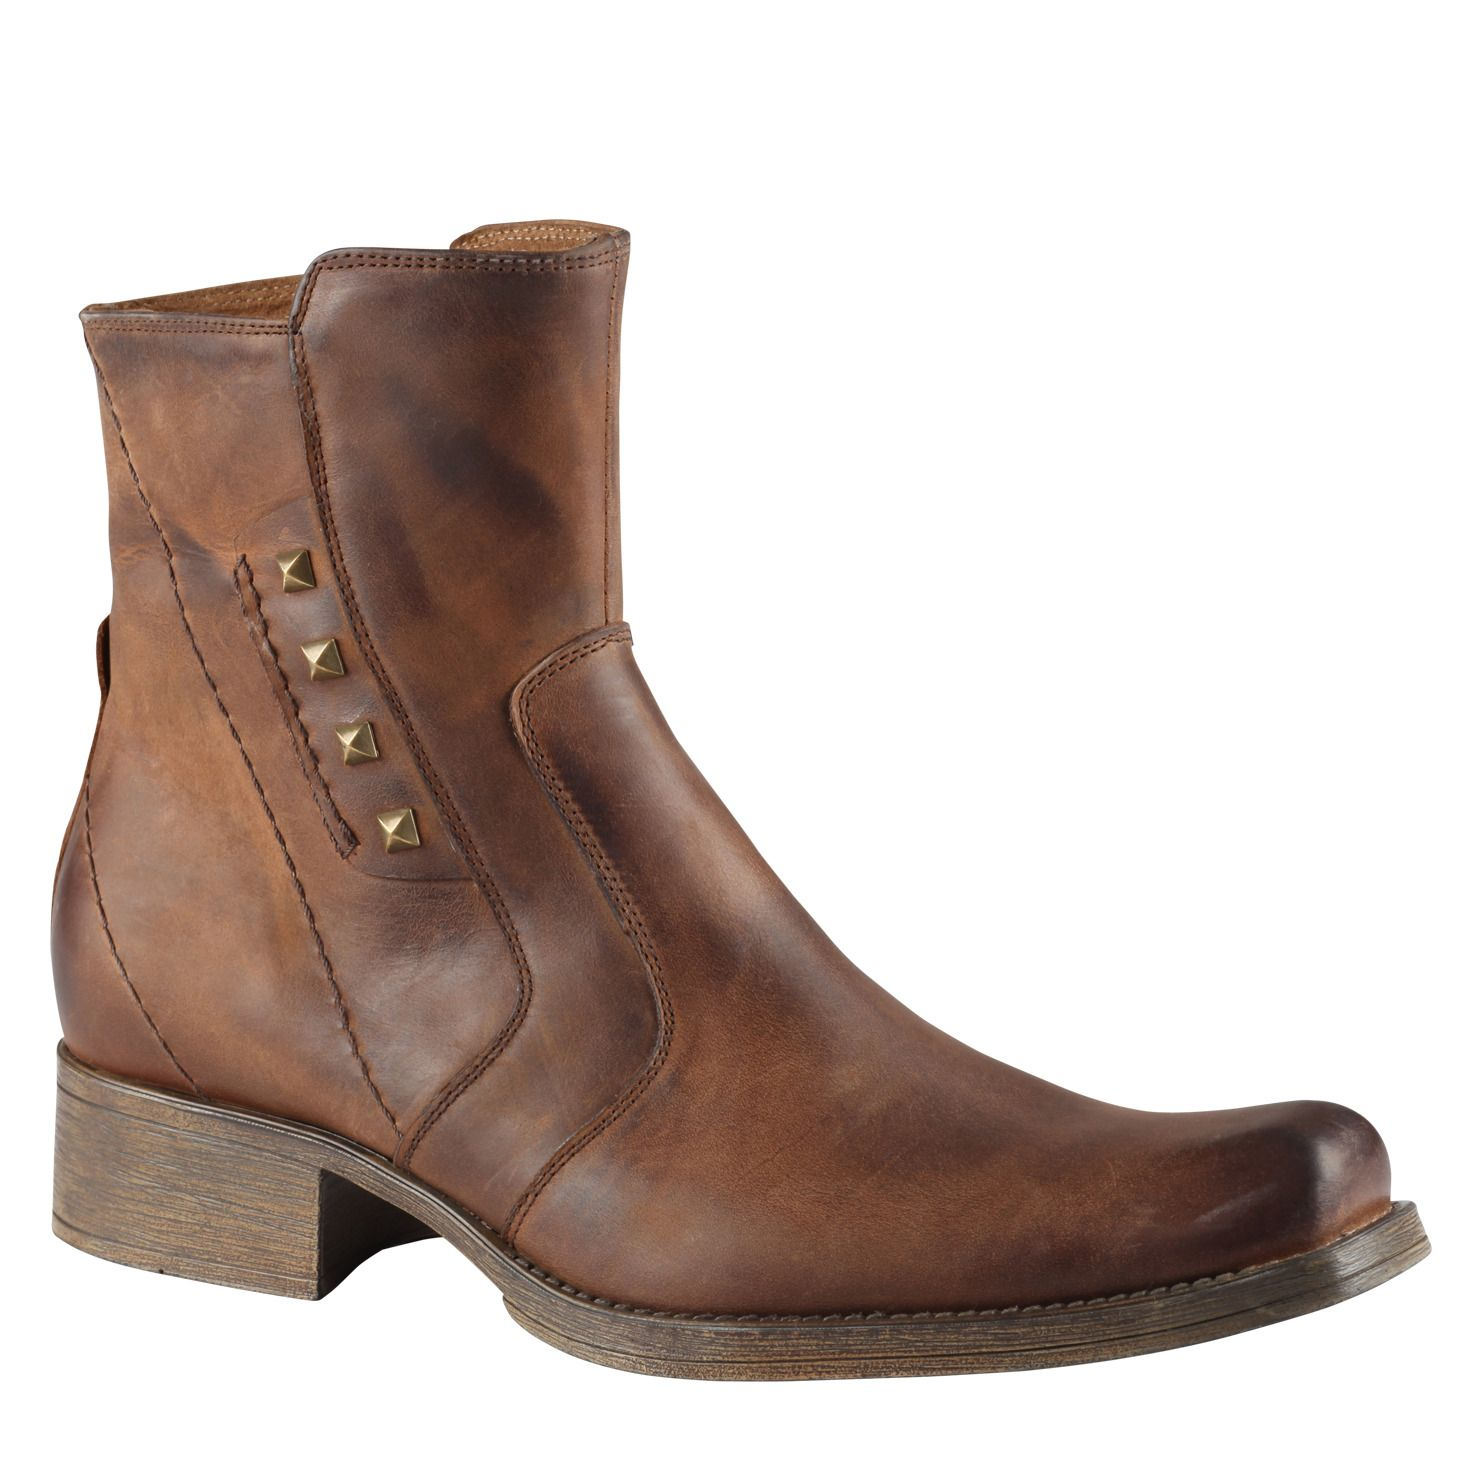 Botas de avestruz color gris ropa bolsas y calzado en mercadolibre - Bando Men S Dress Boots Boots For Sale At Aldo Shoes